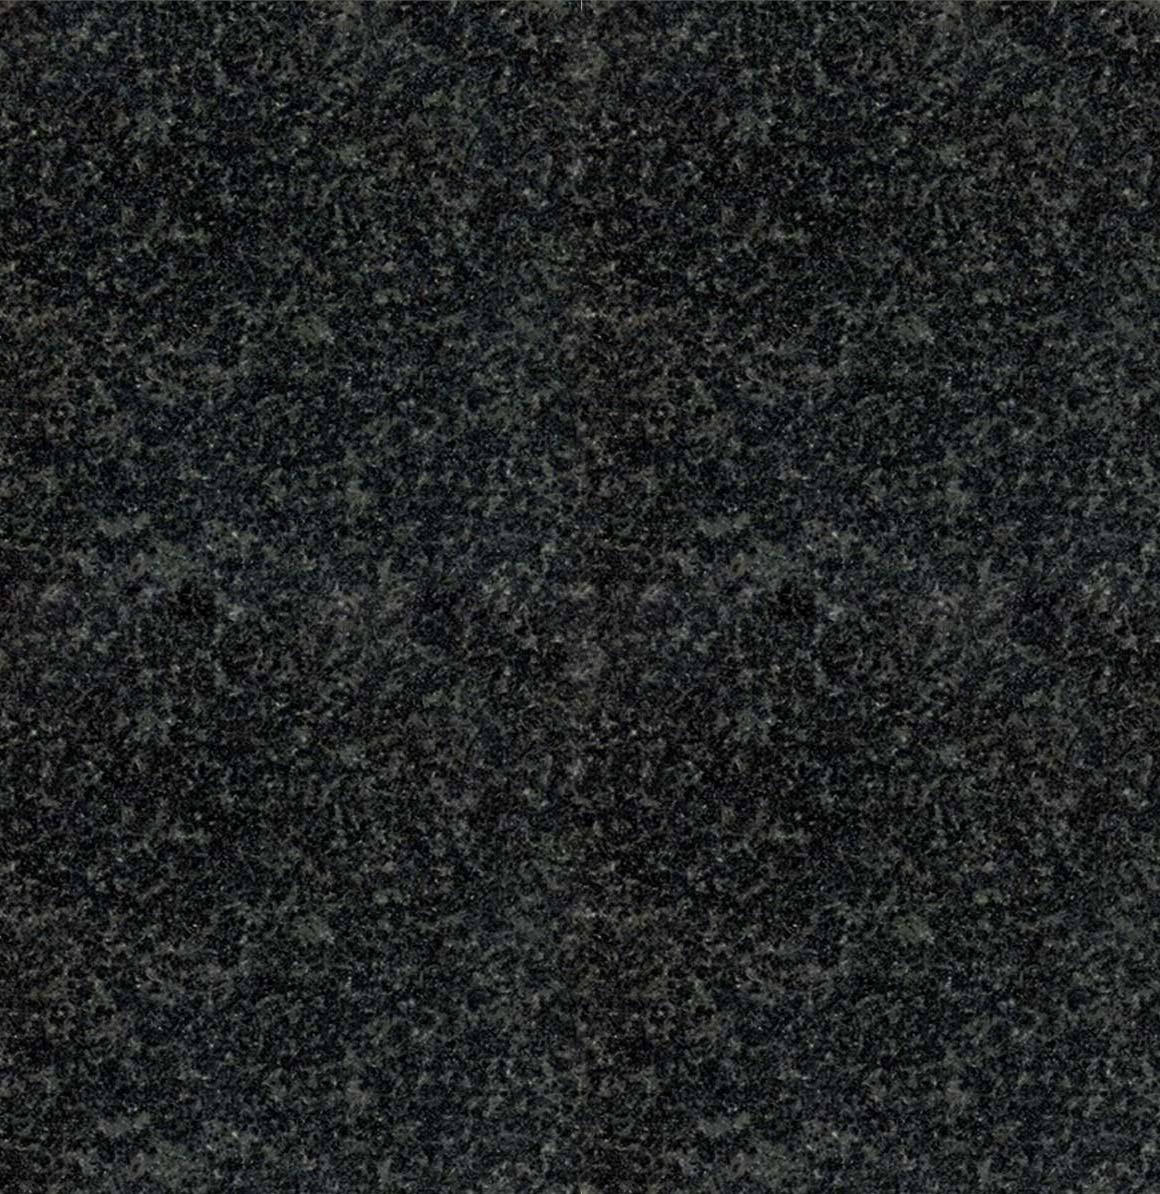 Mẹo phân biệt đá granite tự nhiên và đá granite nhuộm